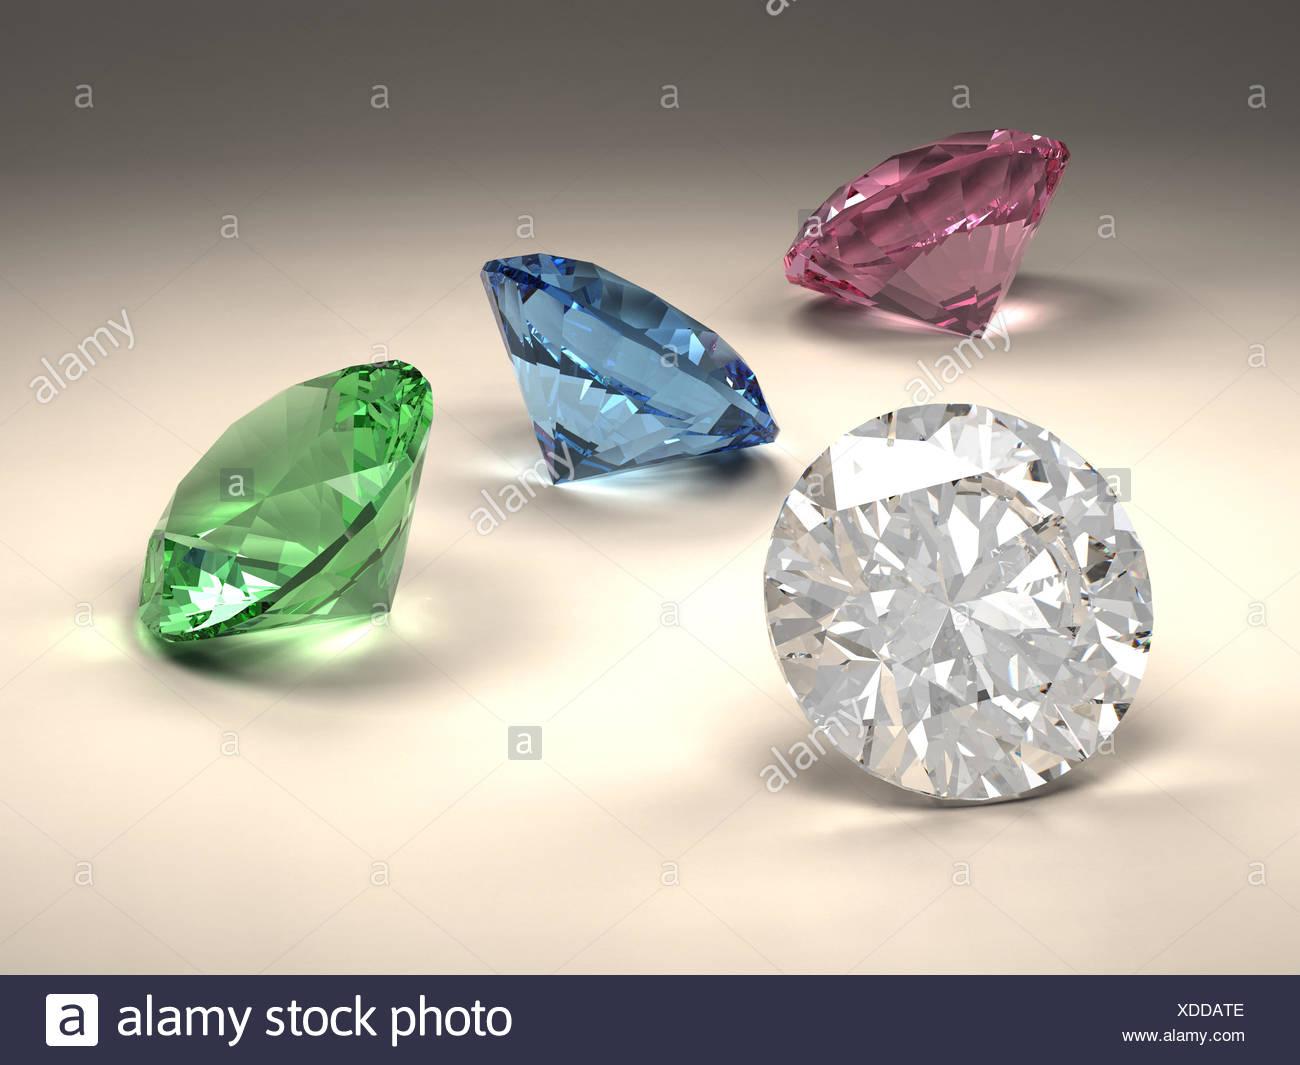 blue jewel diamond - Stock Image